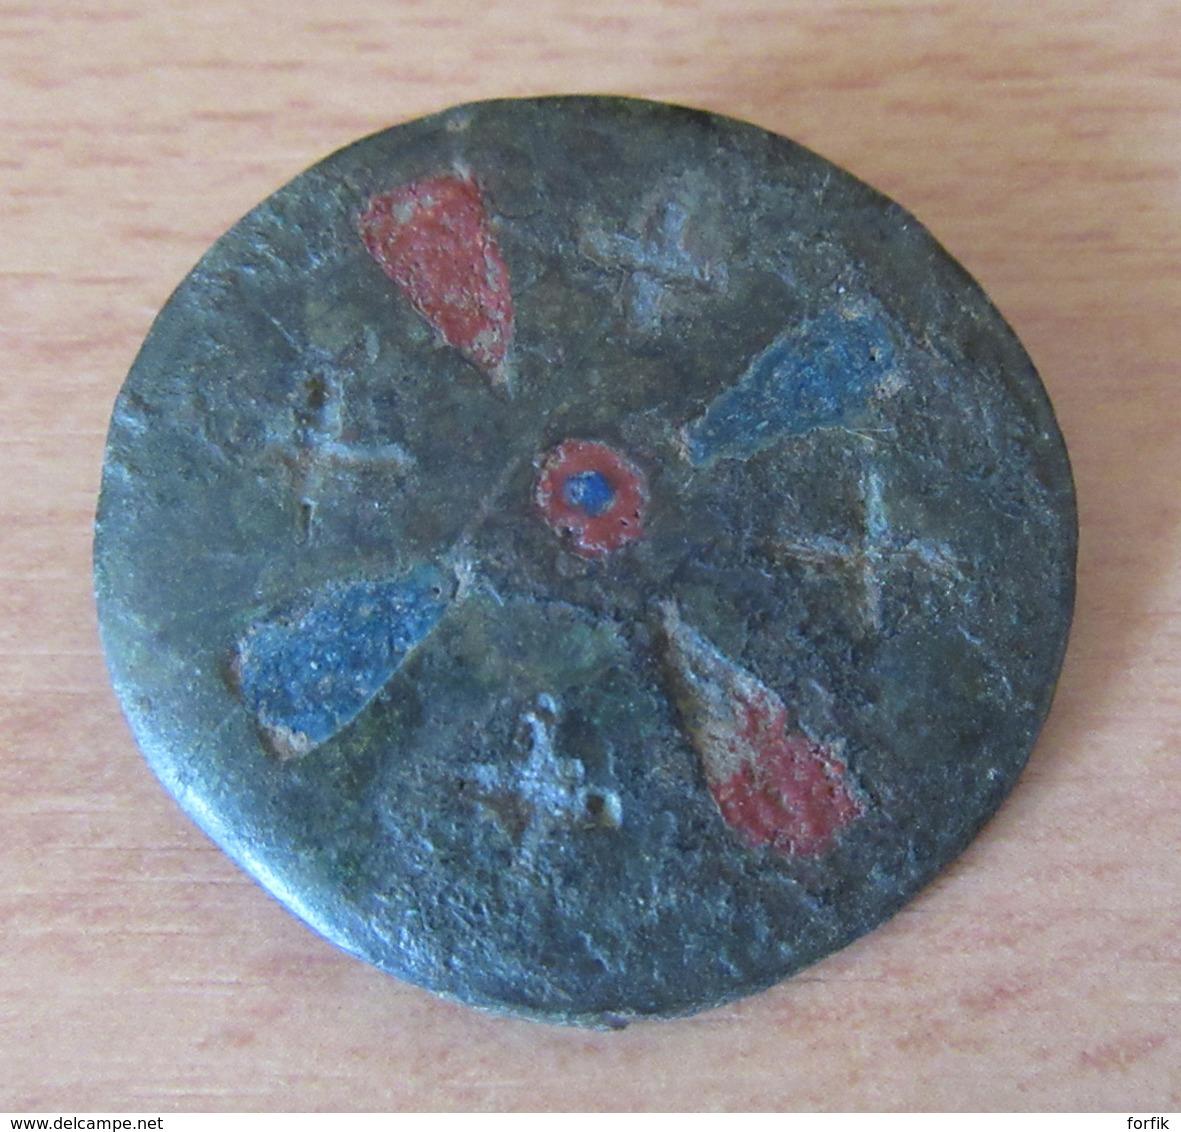 Fibule Romaine Circulaire Monétiforme à Identifier - Partiellement émaillée - Avec Son Ardillon - Archaeology